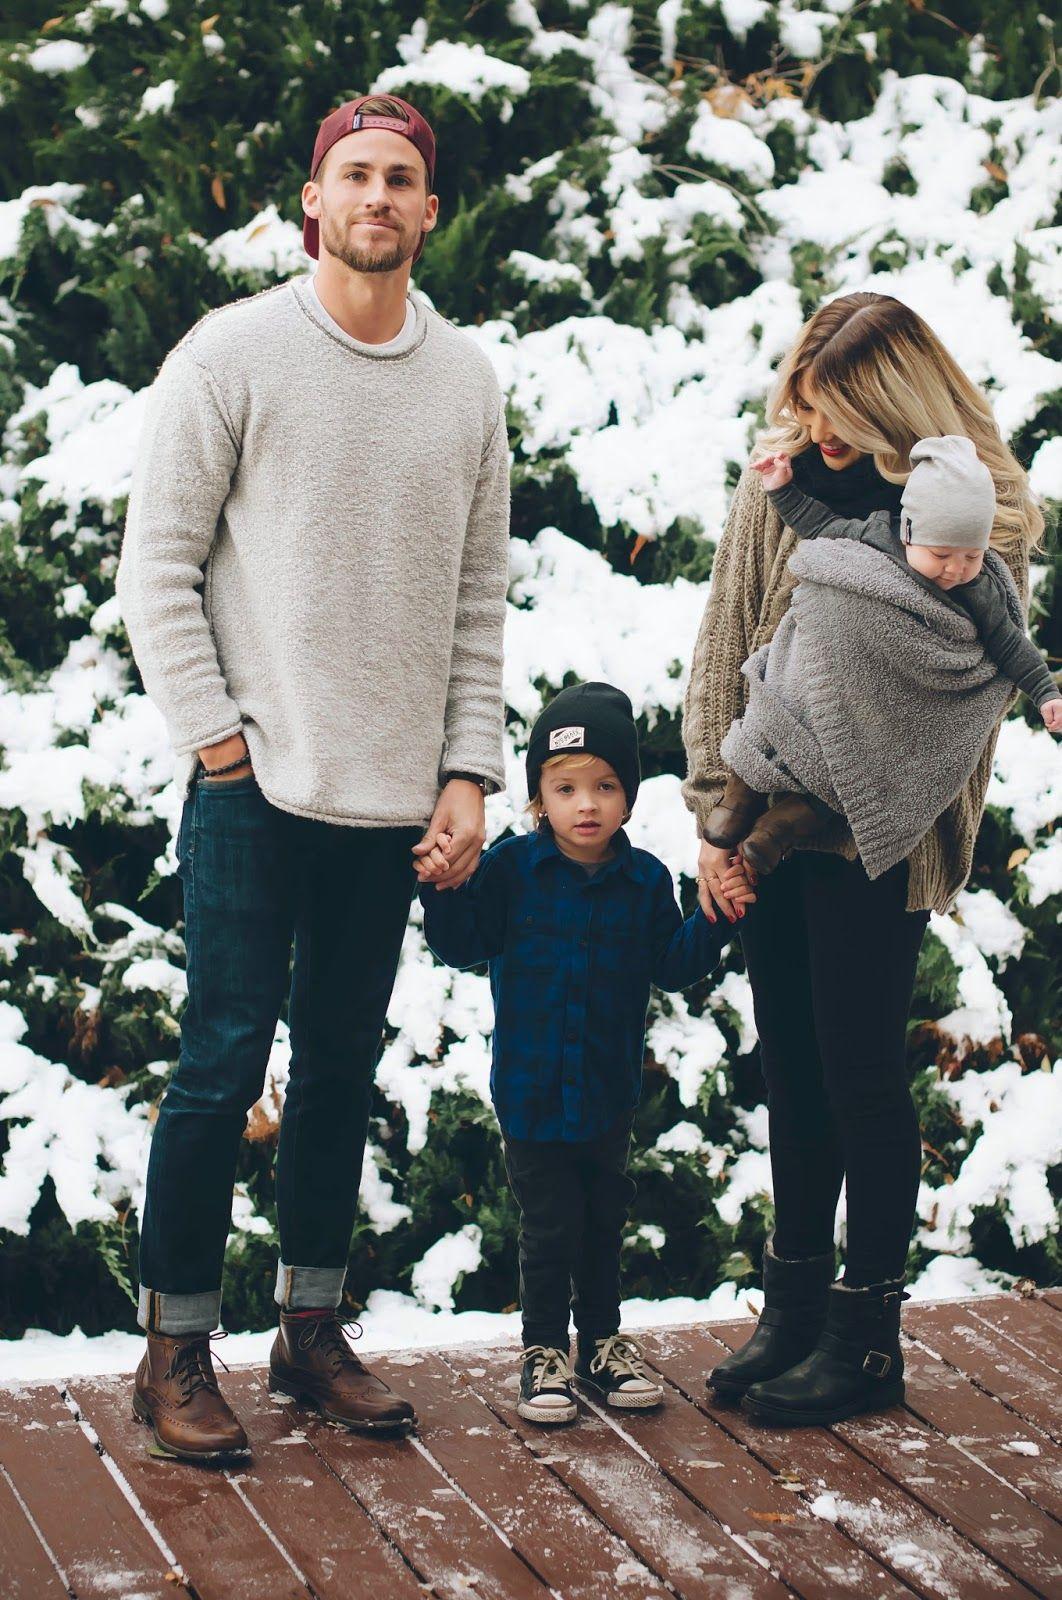 Intimacy in Family